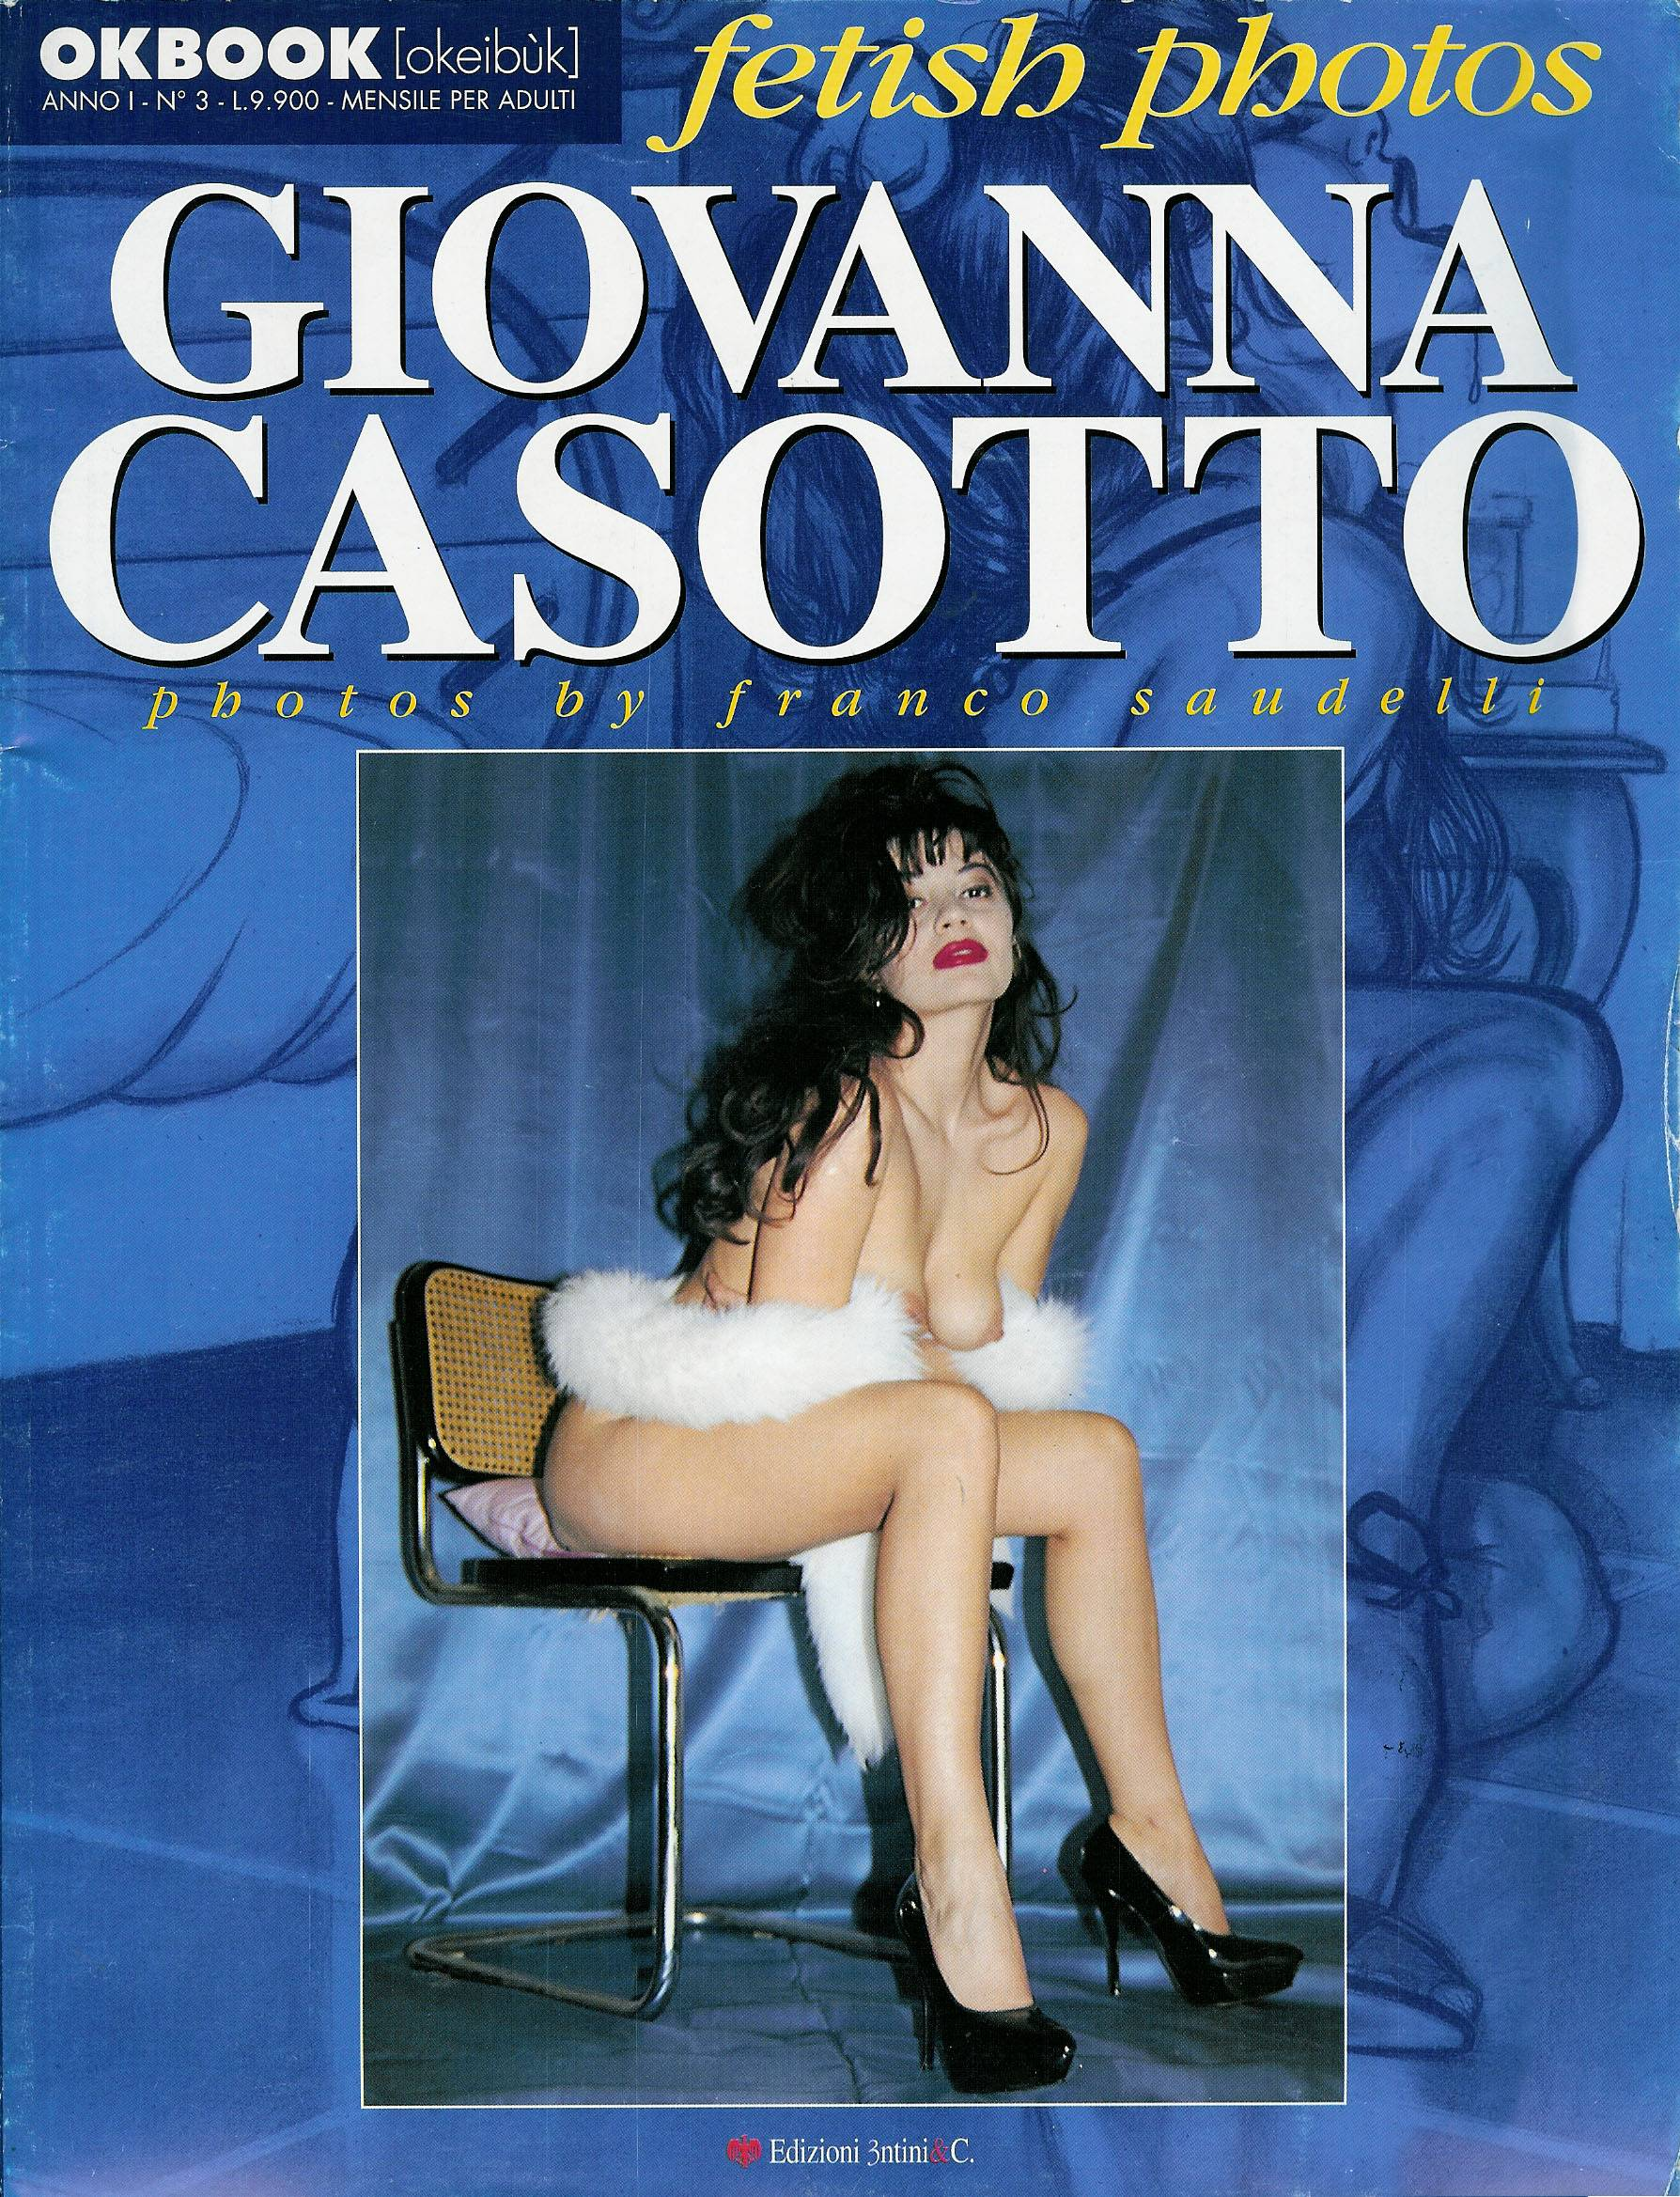 Giovanna Casotto: Fetish Photos